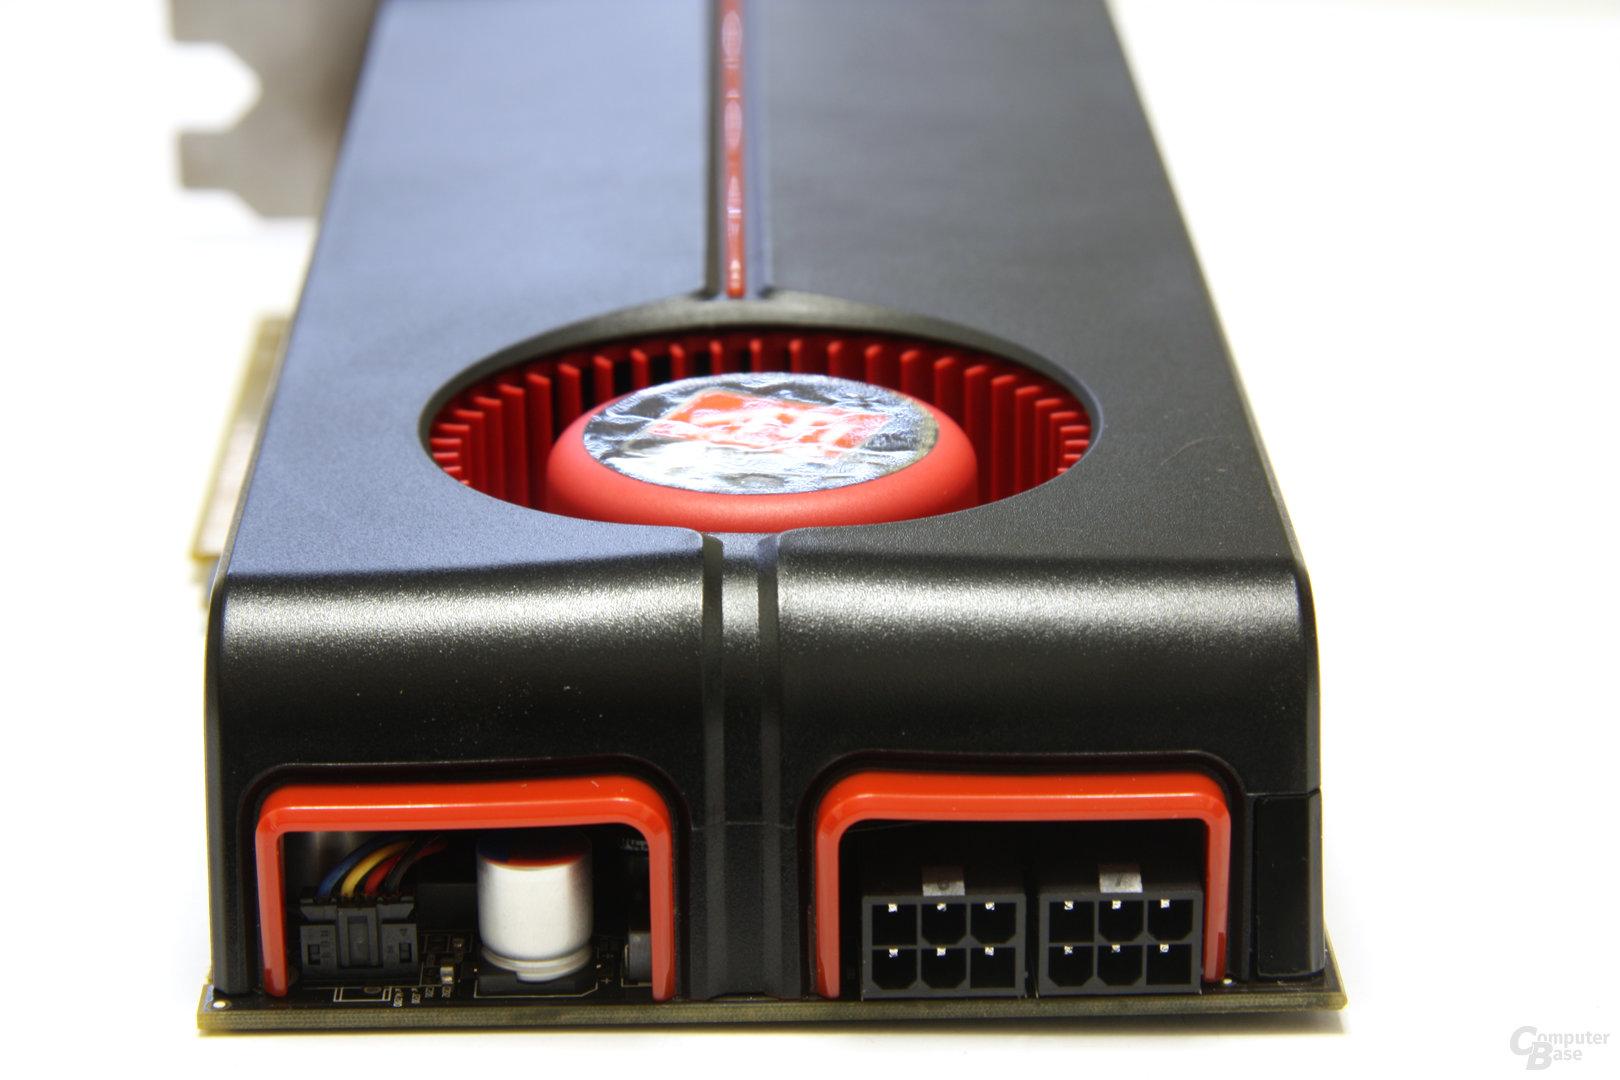 Radeon HD 5850 Stromanschlüsse